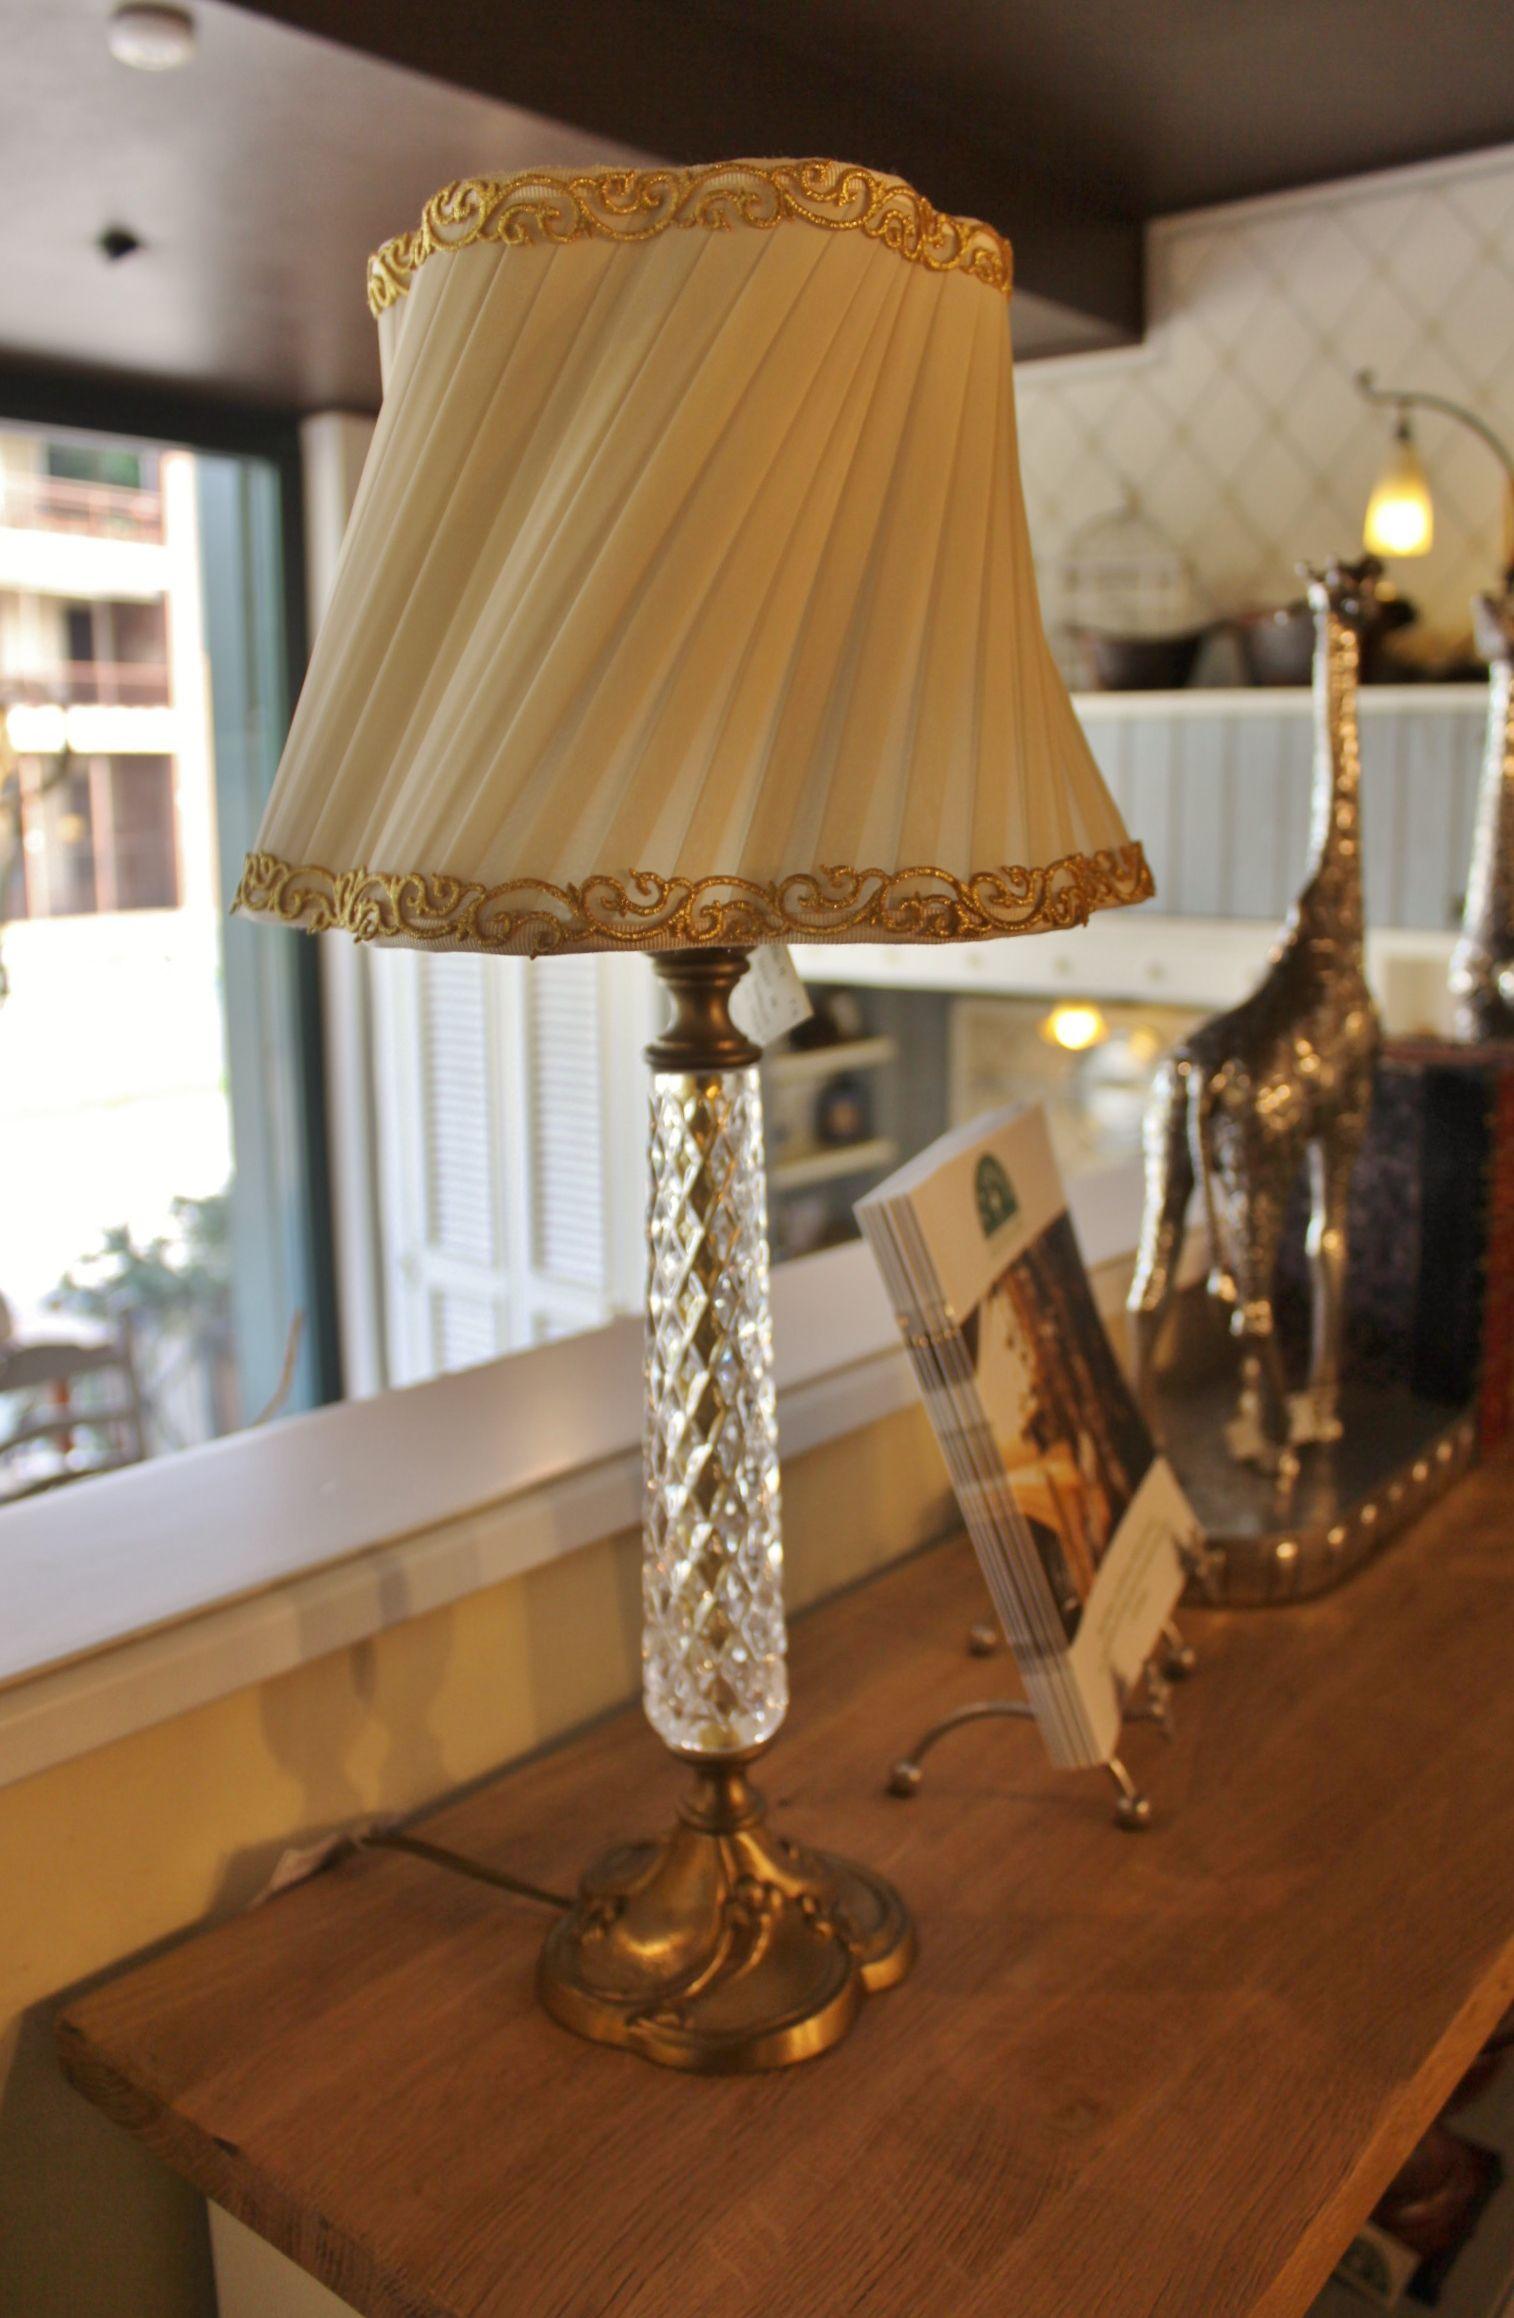 Paralumi In Vetro Per Lampade Da Tavolo.Lampada Da Tavolo Con Paralume Pliss In Tessuto Fusto In Vetro